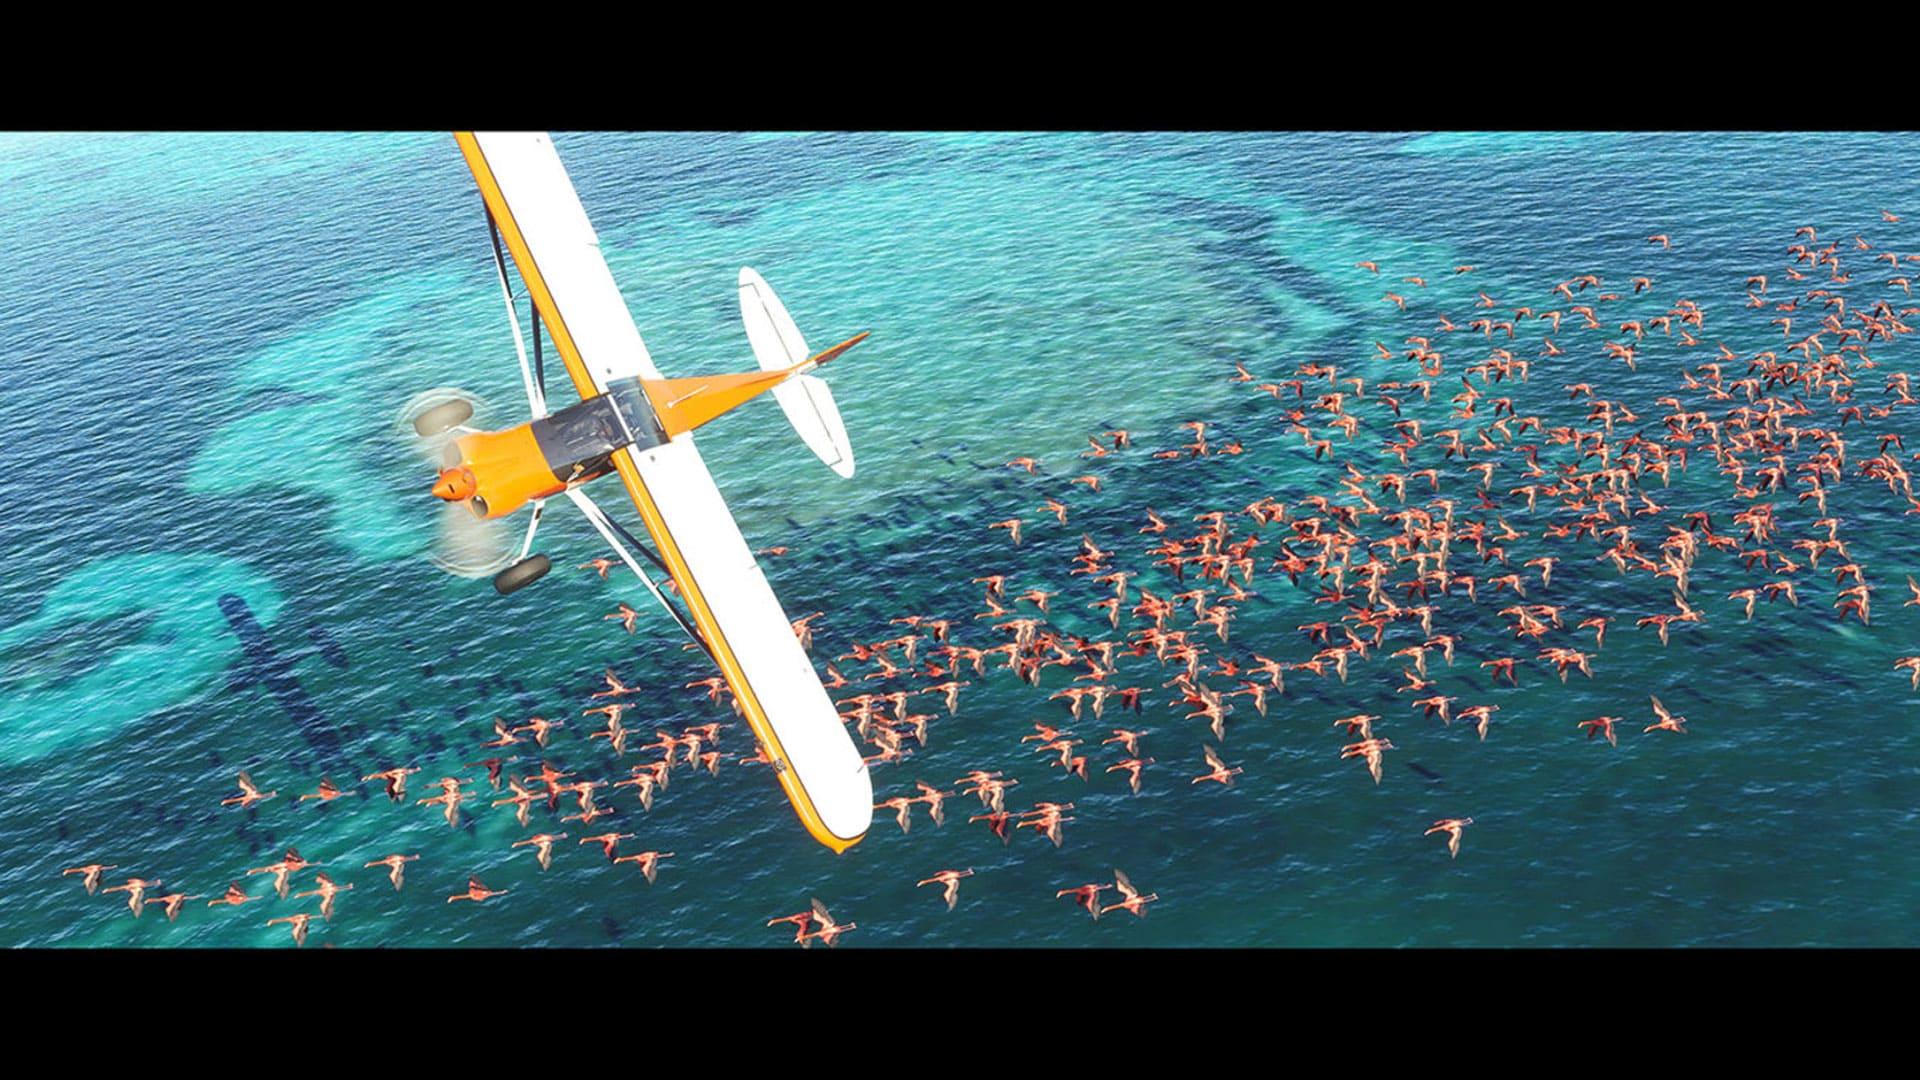 Imagem do jogo Microsoft Flight Simulator mostra uma imagem externa em que o jogador sobrevoa o oceano com uma revoada de flamingos abaixo